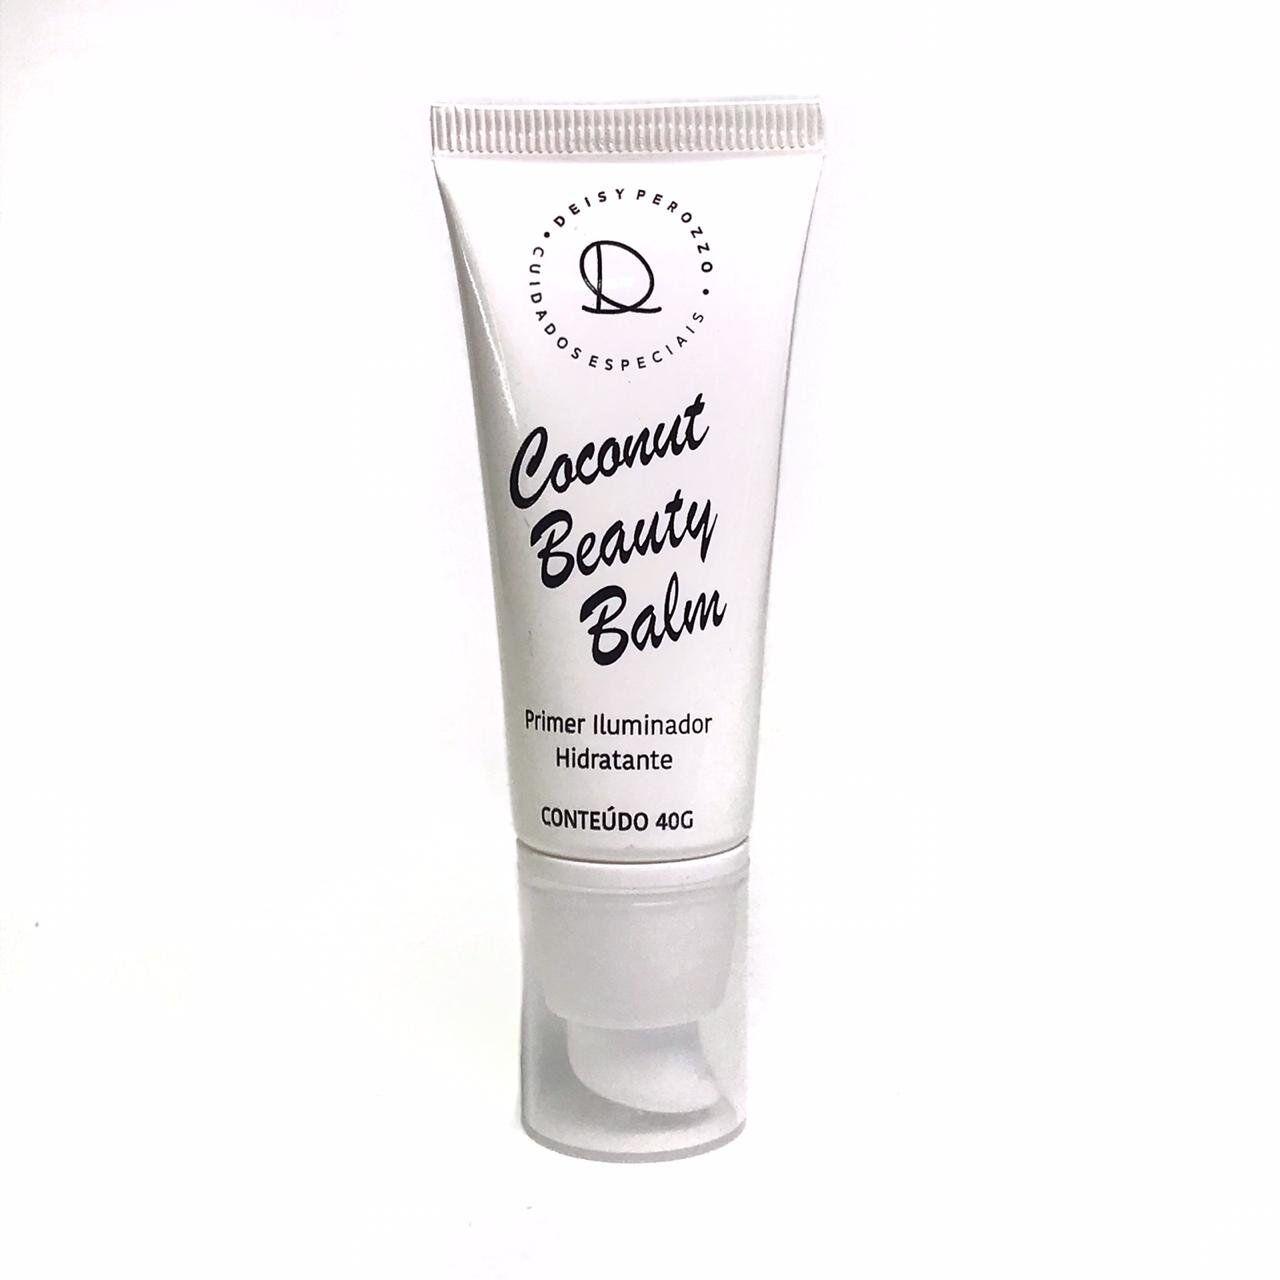 Coconut beauty balm- Deisy Perozzo